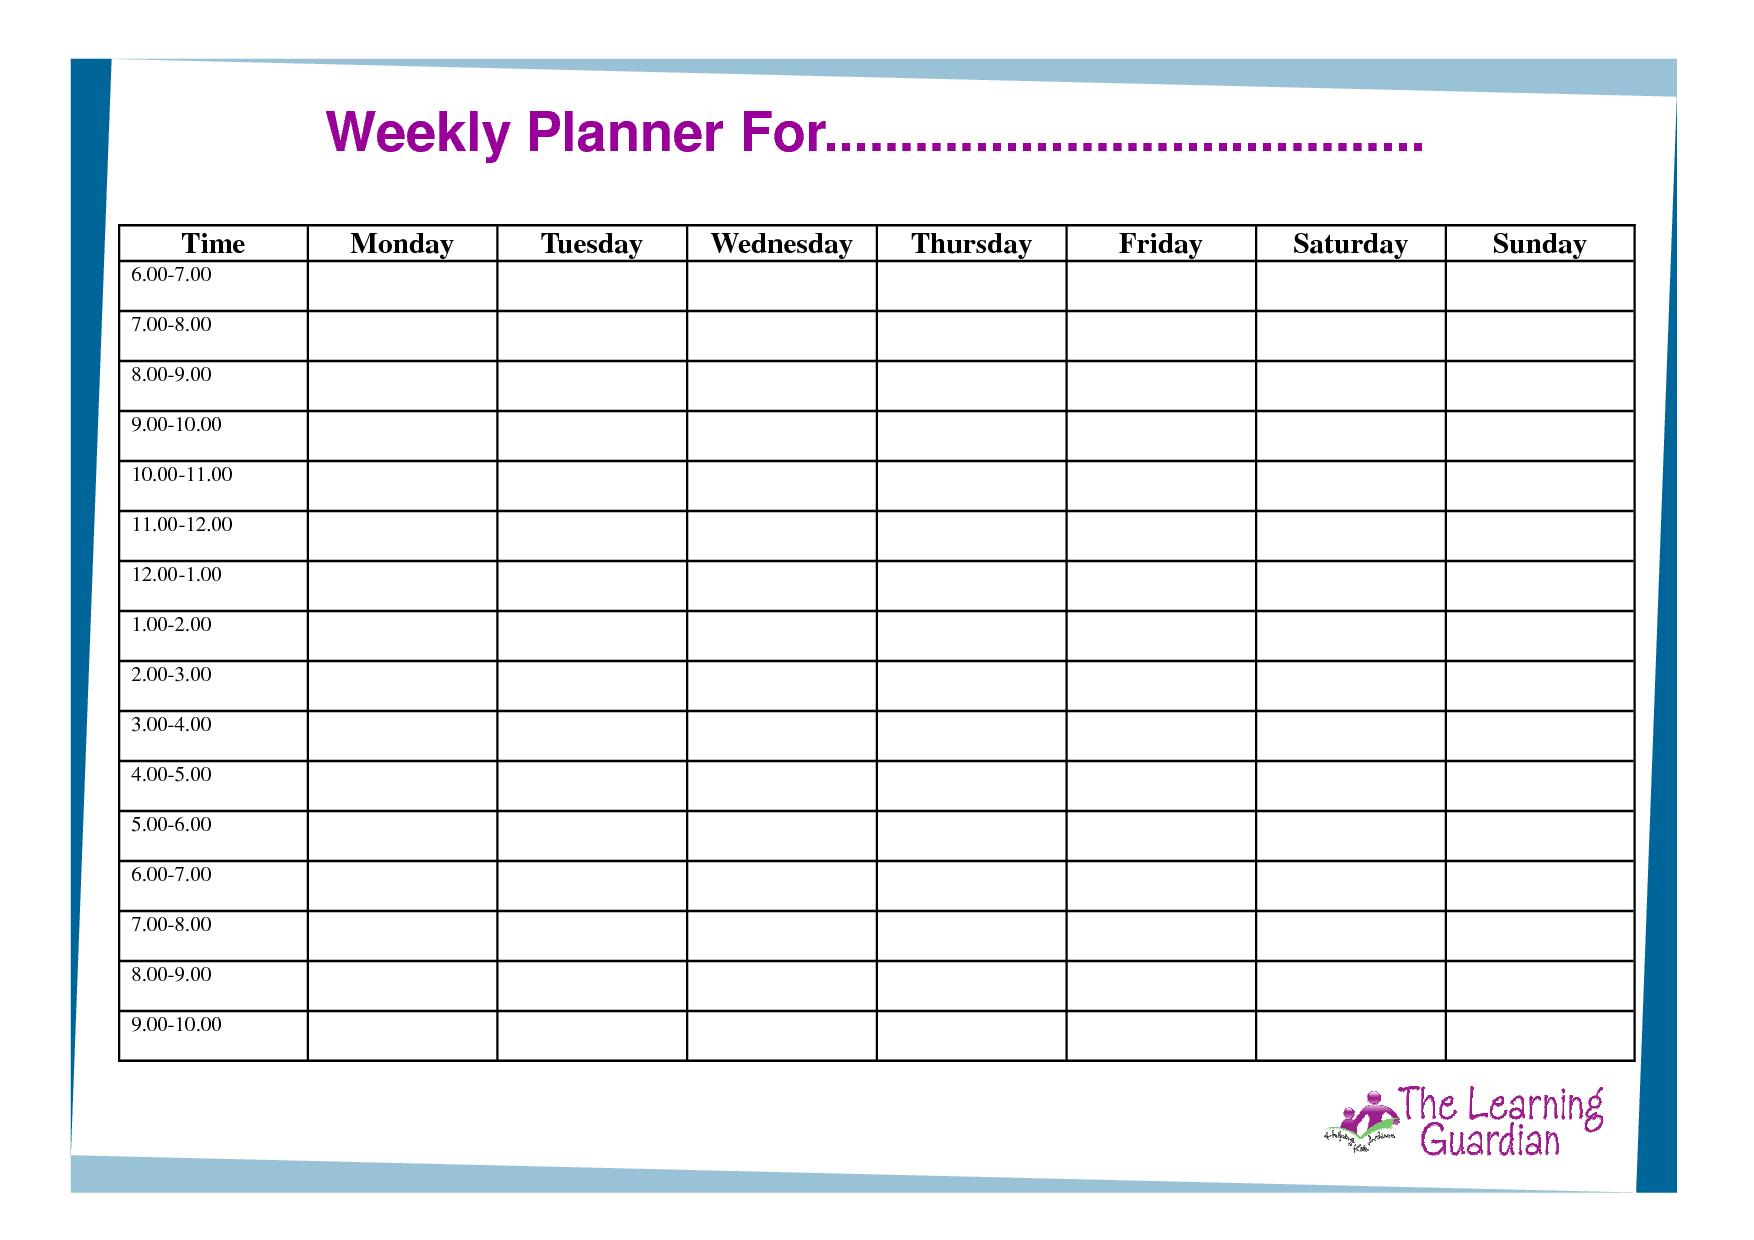 Free Printable Weekly Calendar Templates   Weekly Planner